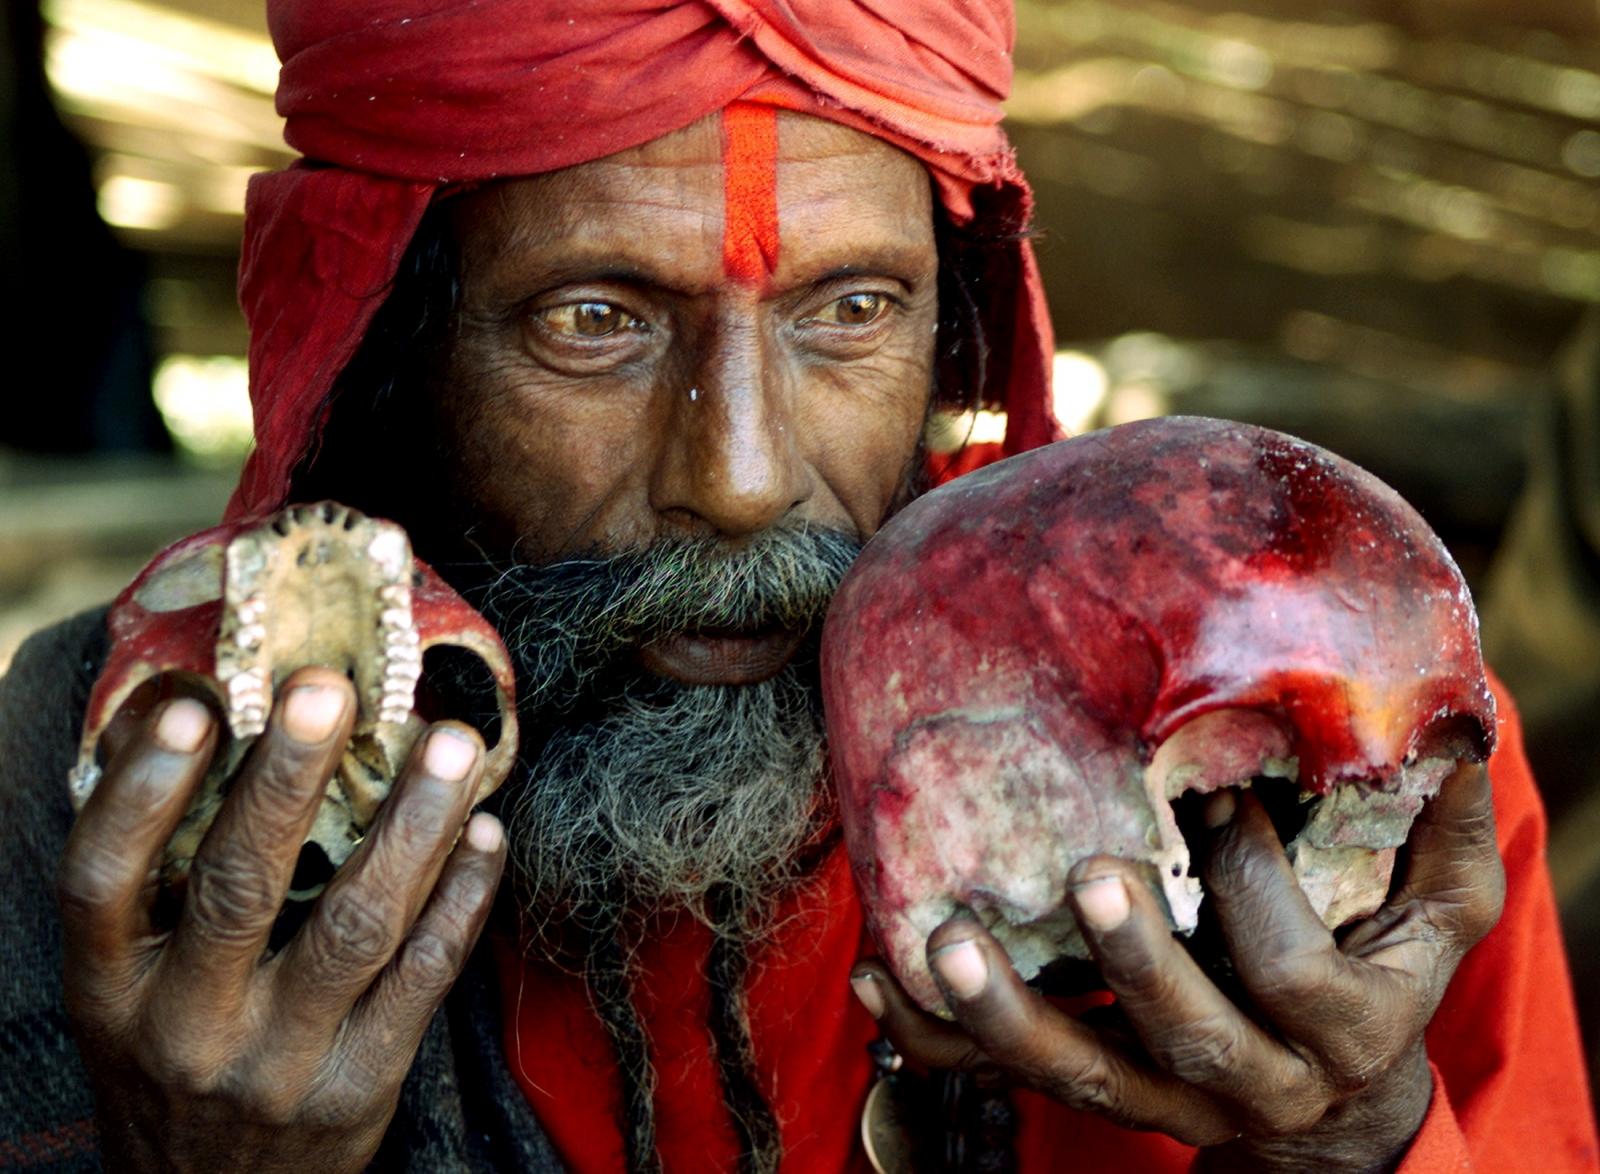 India Black Magic tantrik sadhu Hindu